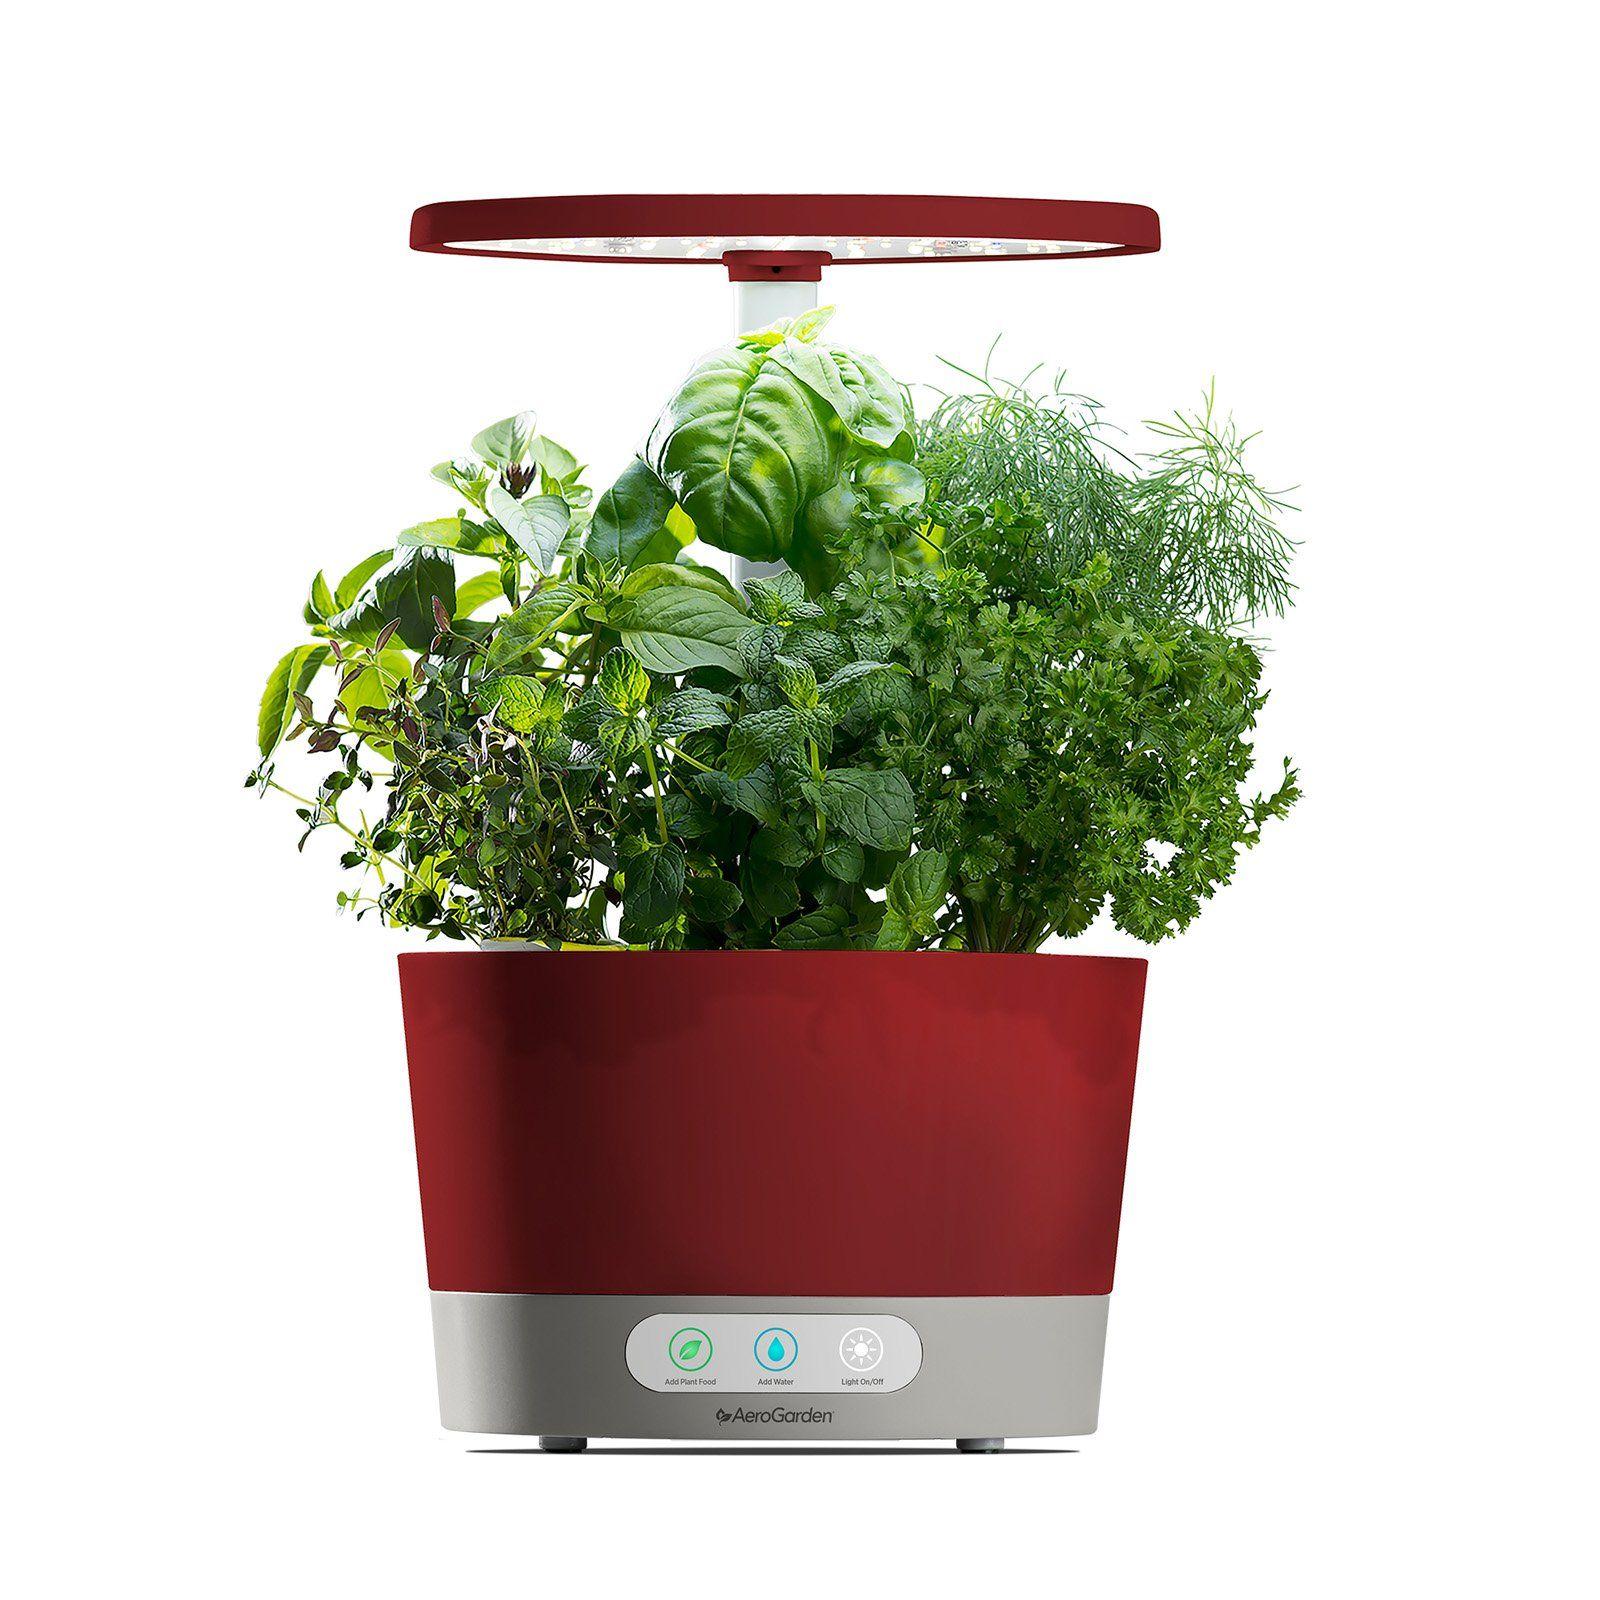 Aerogarden Harvest 360 Hydroponic Garden System White 400 x 300